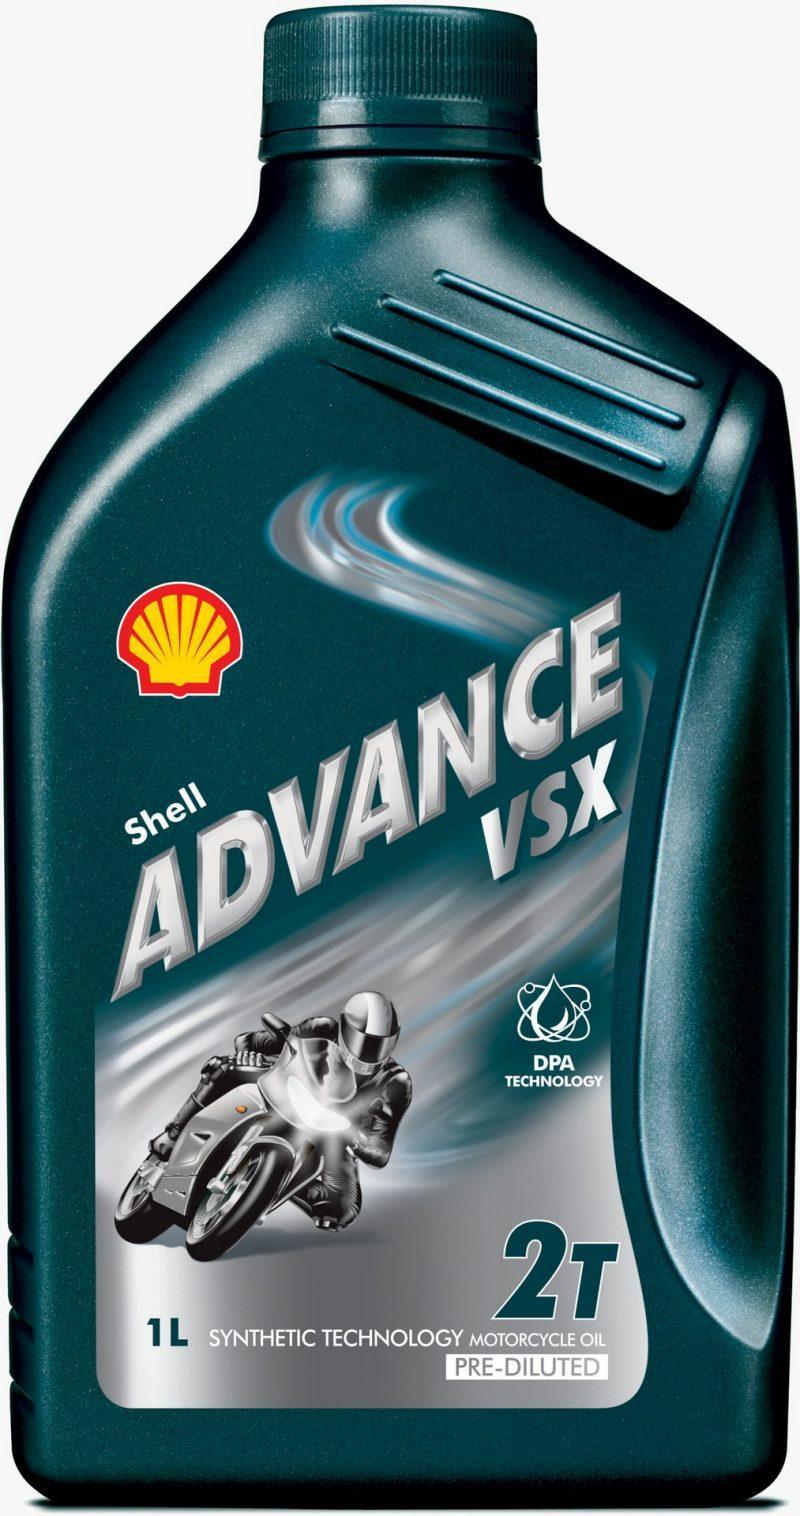 Shell Advance VSX 2 barattolo 1 litro